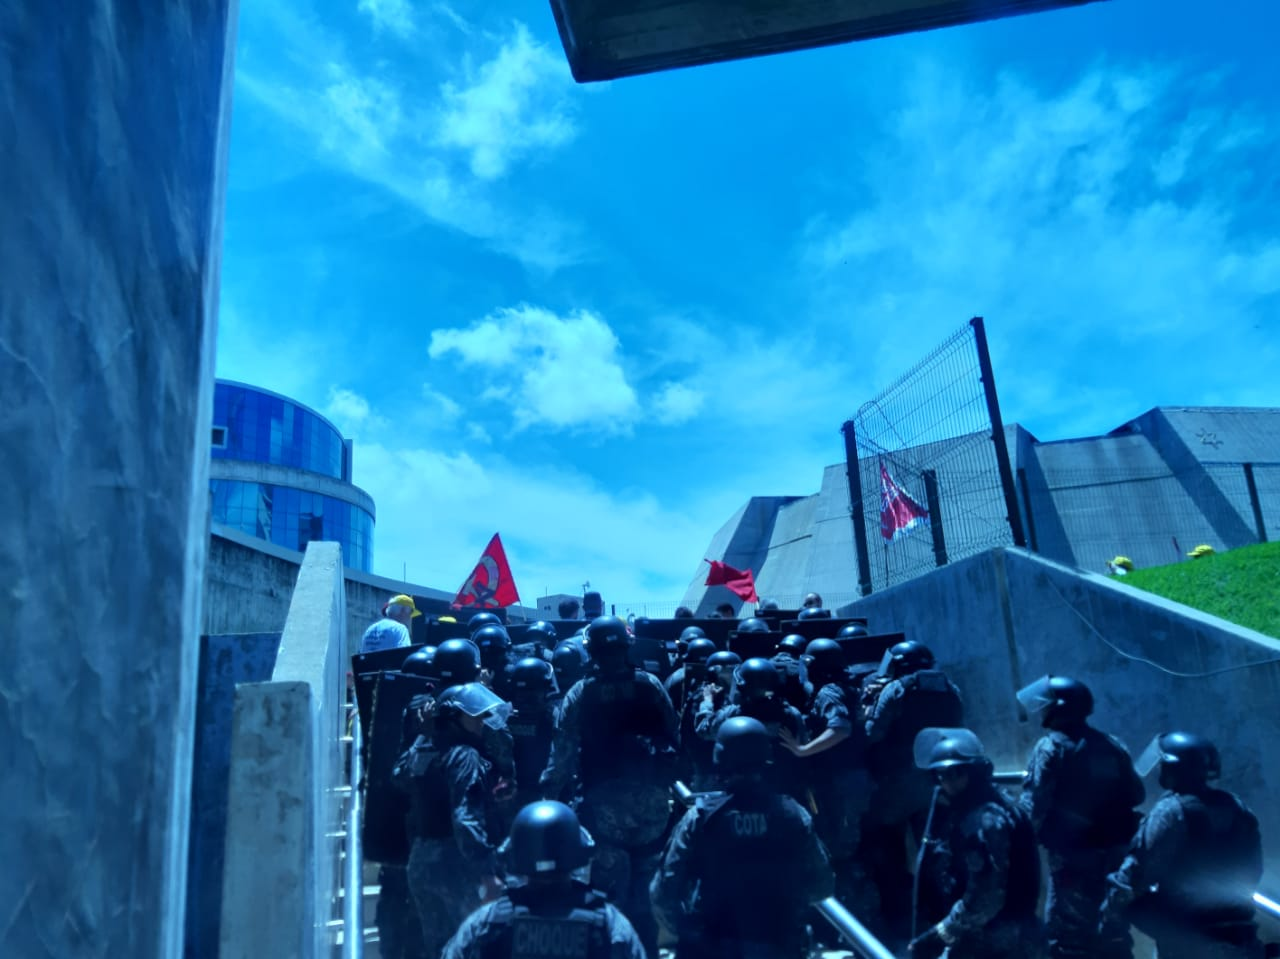 Servidores estaduais tentam invadir Assembleia em protesto contra a reforma da Previdência estadual - veja o vídeo